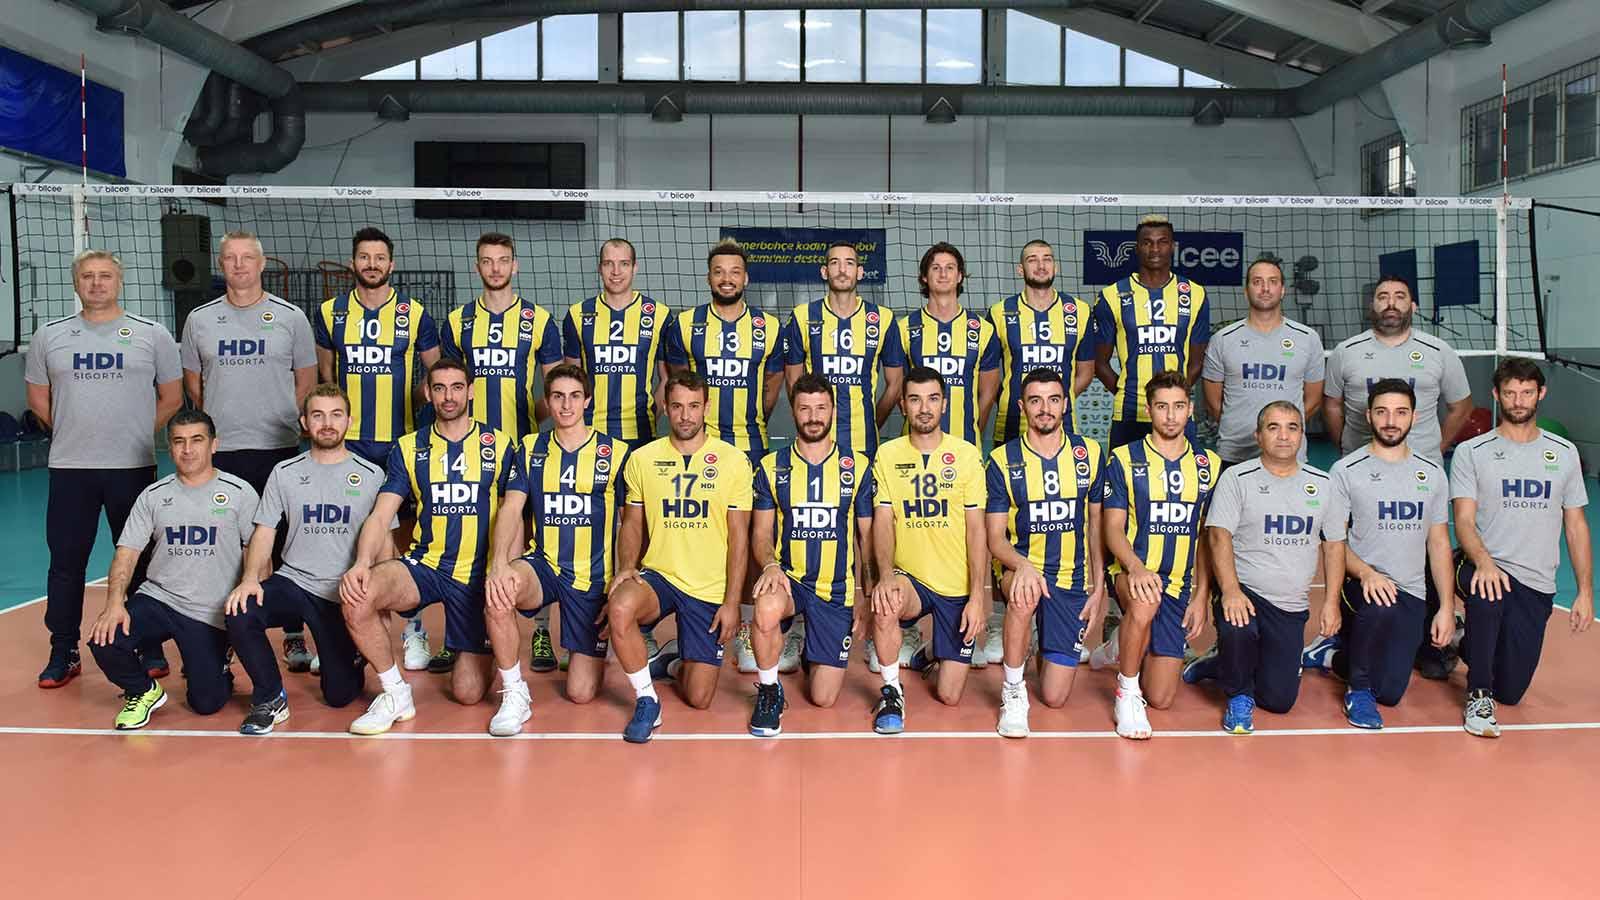 Fenerbahçe HDI Sigorta İtalya deplasmanında